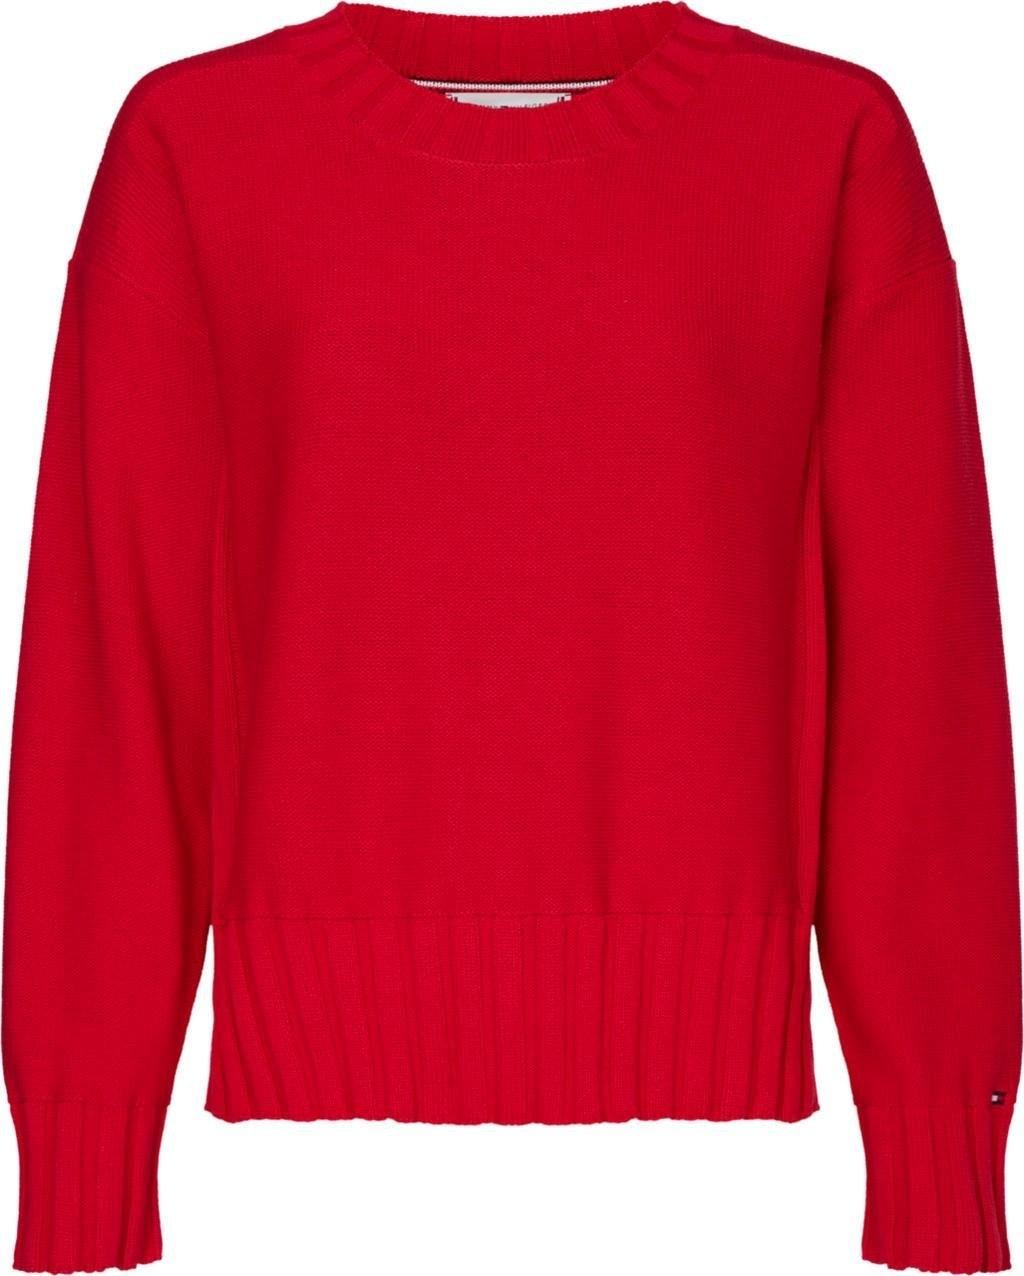 Tommy Hilfiger trui met ronde hals »AIMY C-NK SWT LS« goedkoop op otto.nl kopen